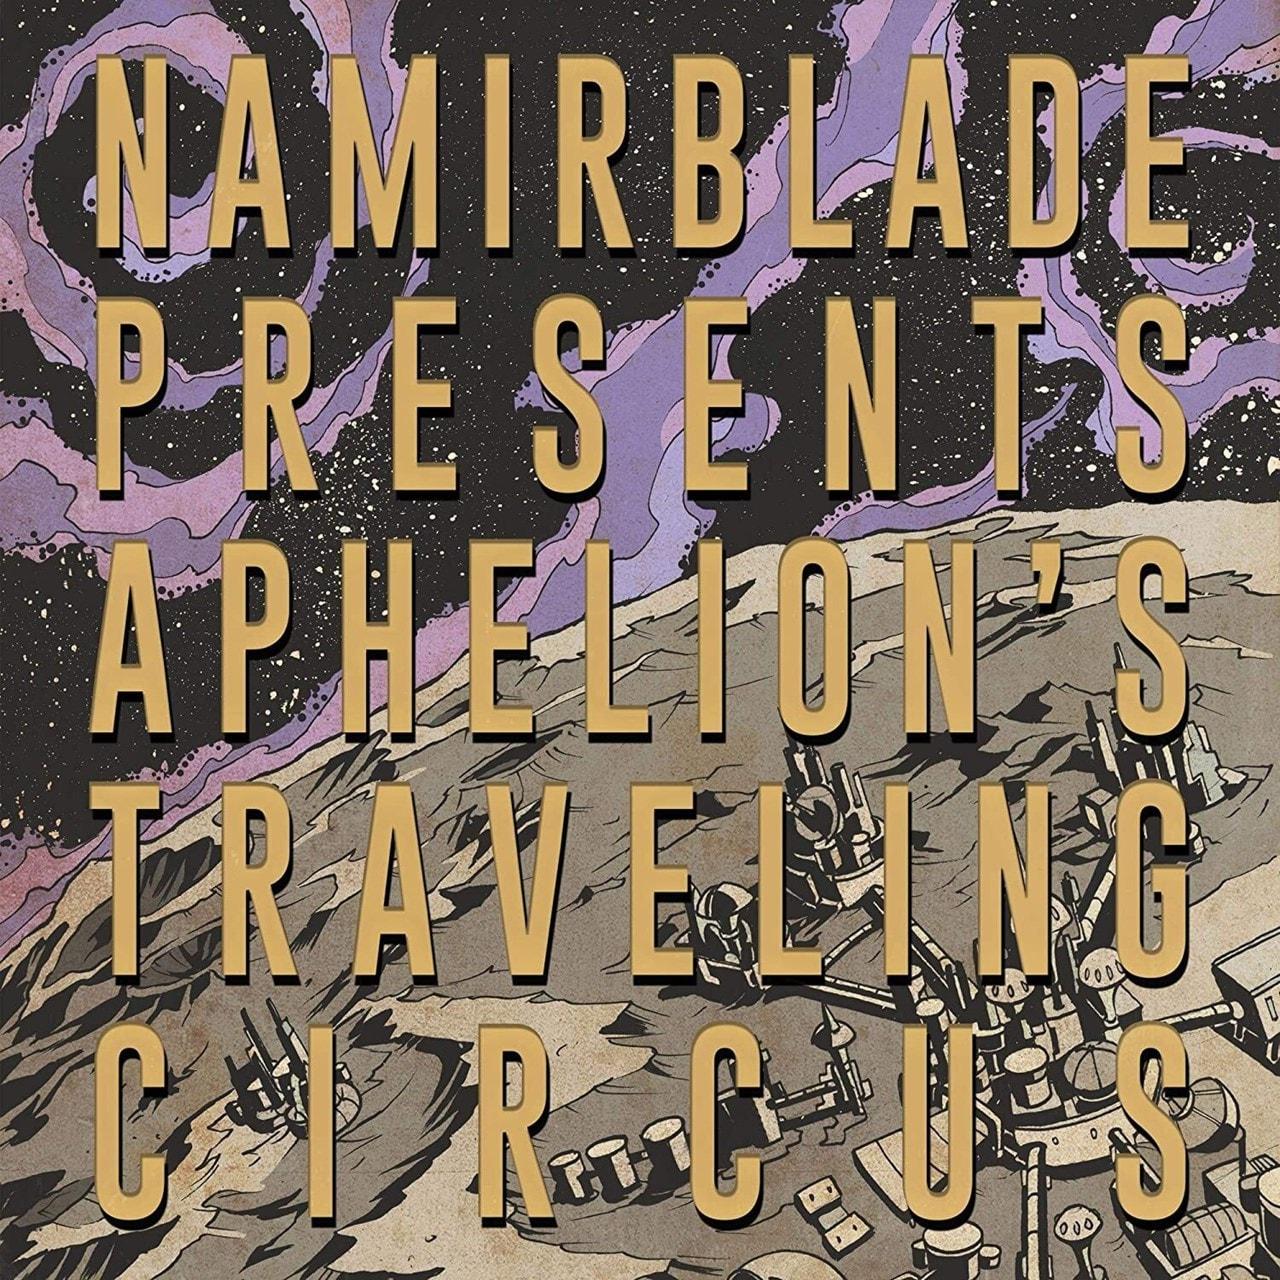 Aphelion's Traveling Circus - 1